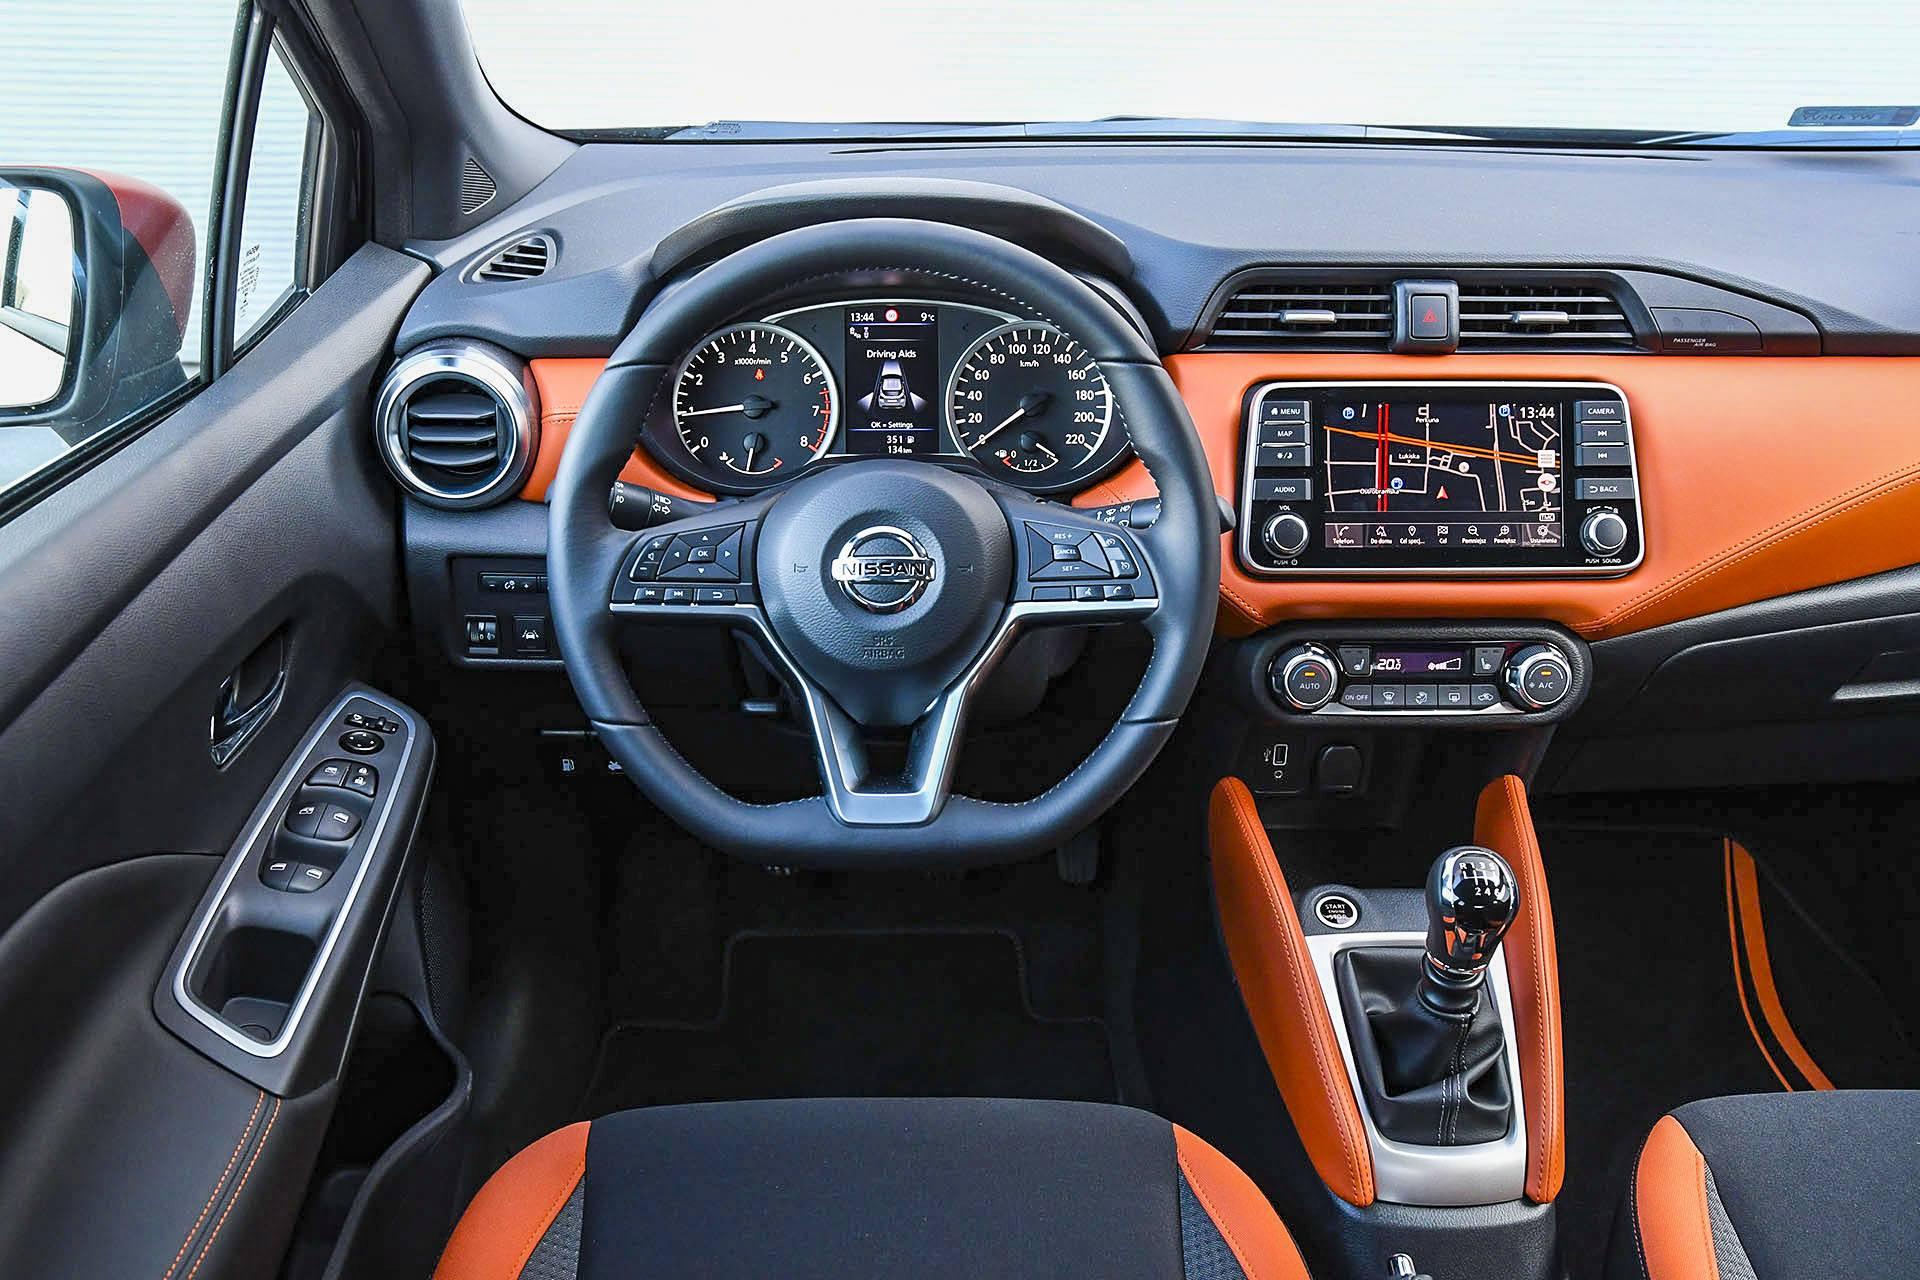 Nissan Micra - deska rozdzielcza